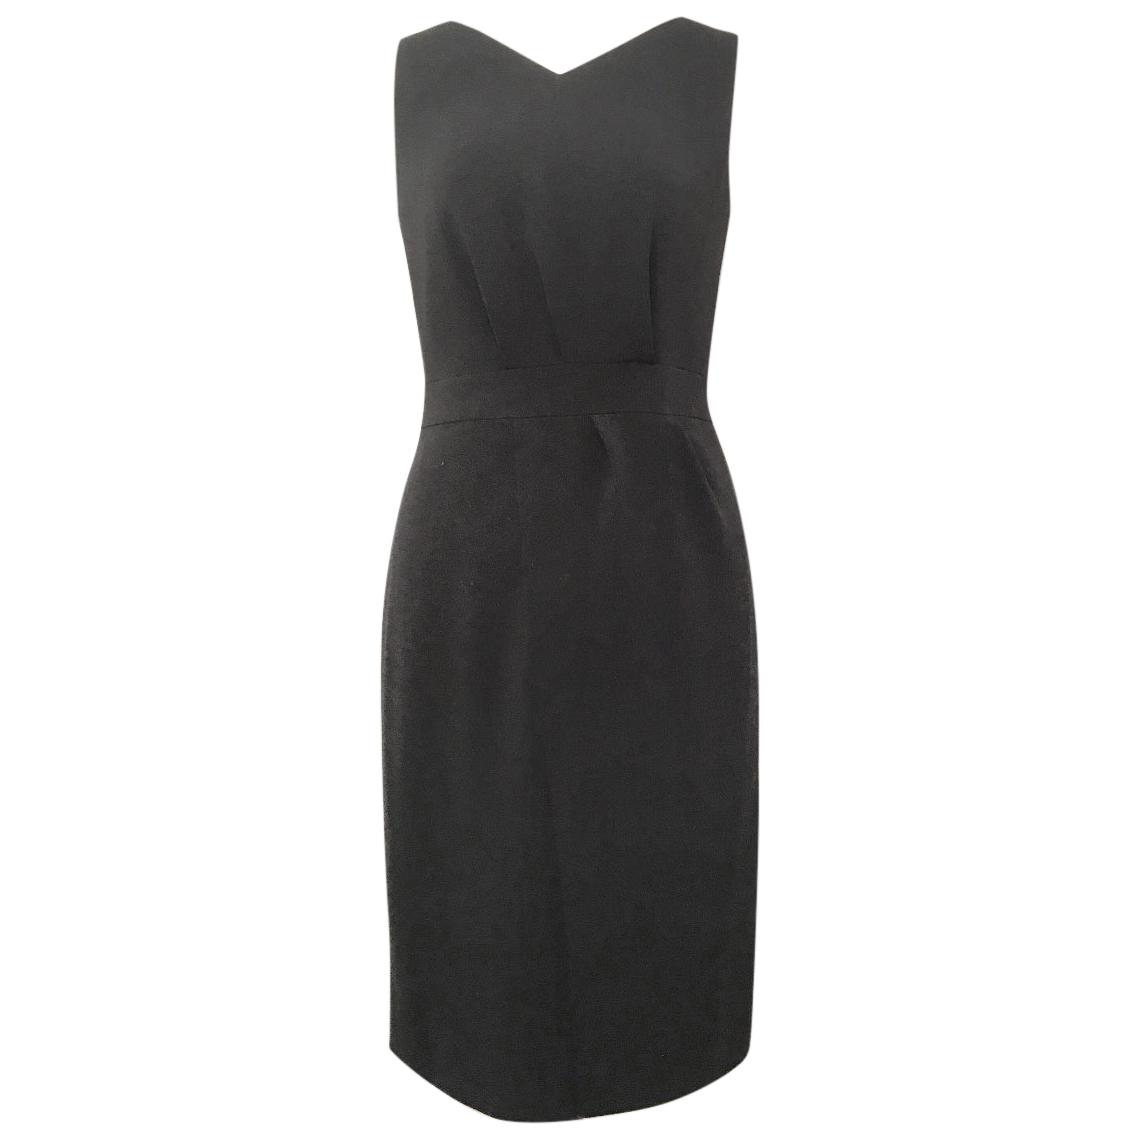 Hugo Boss Little Black Dress